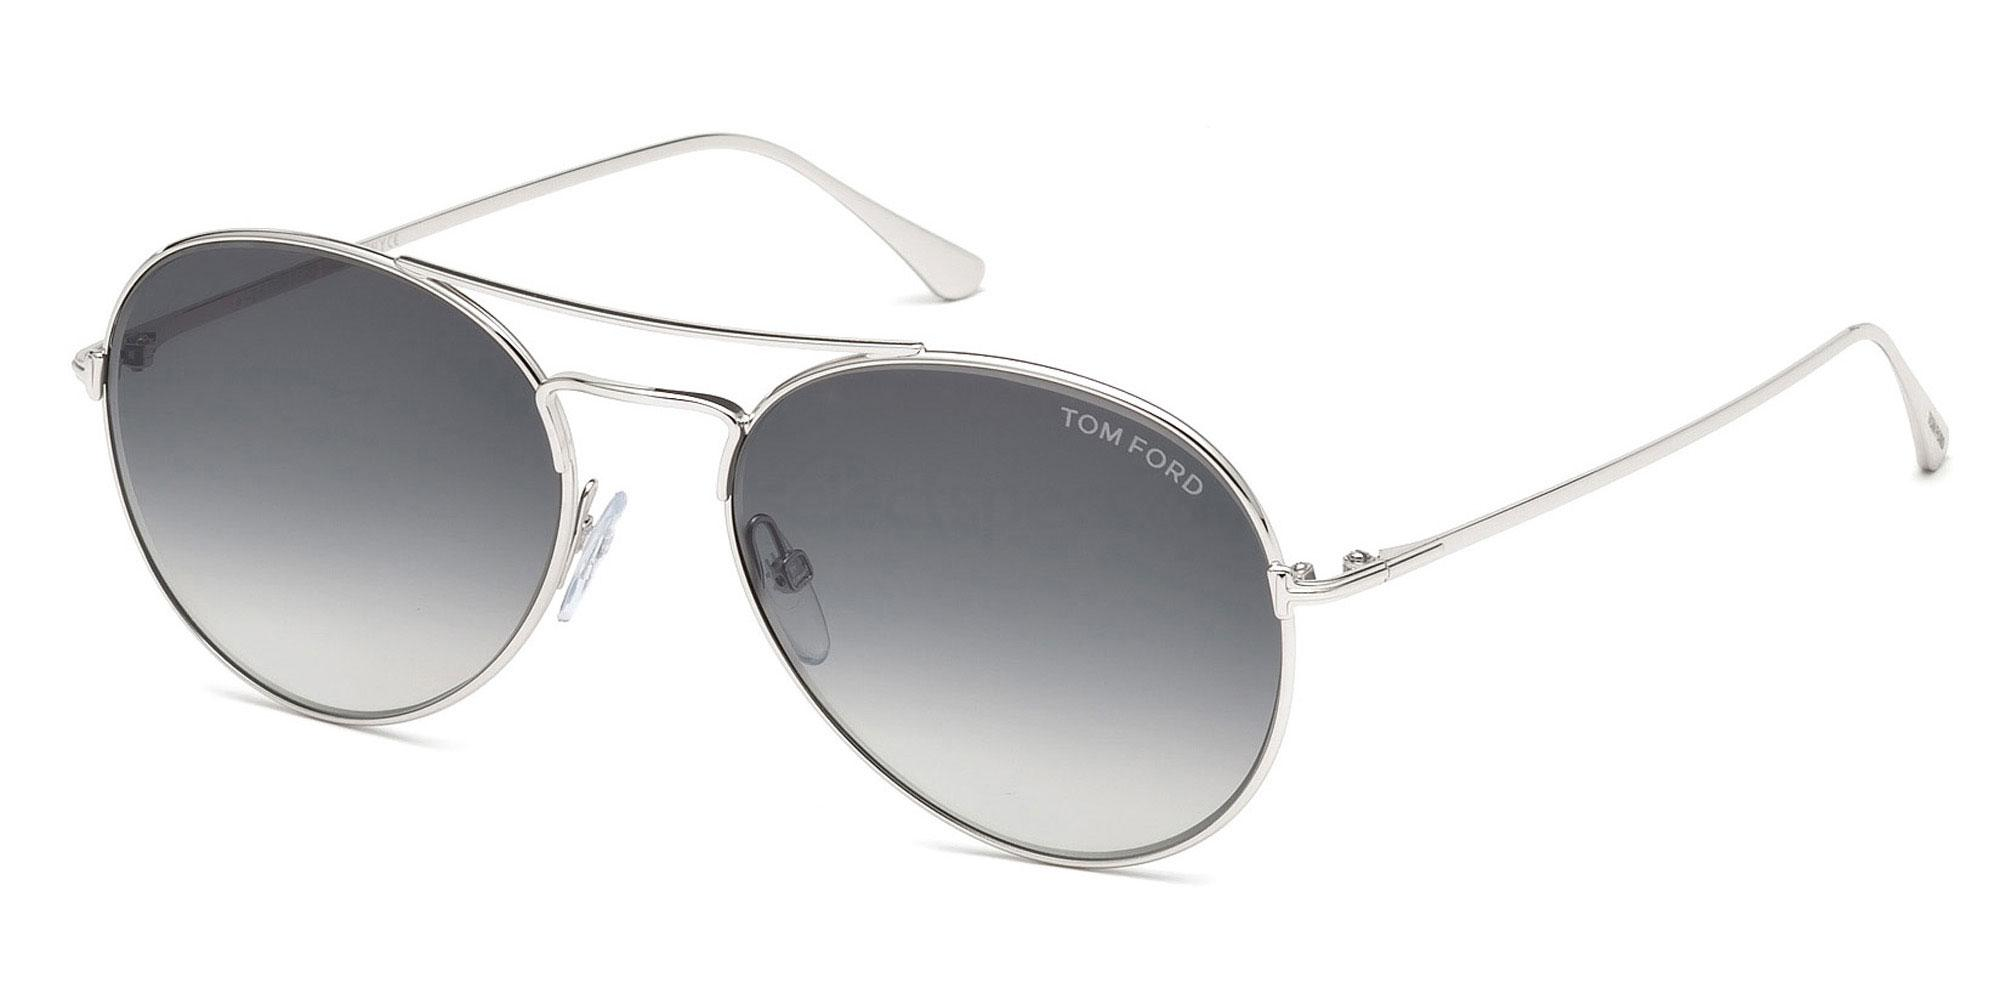 18B FT0551 Sunglasses, Tom Ford